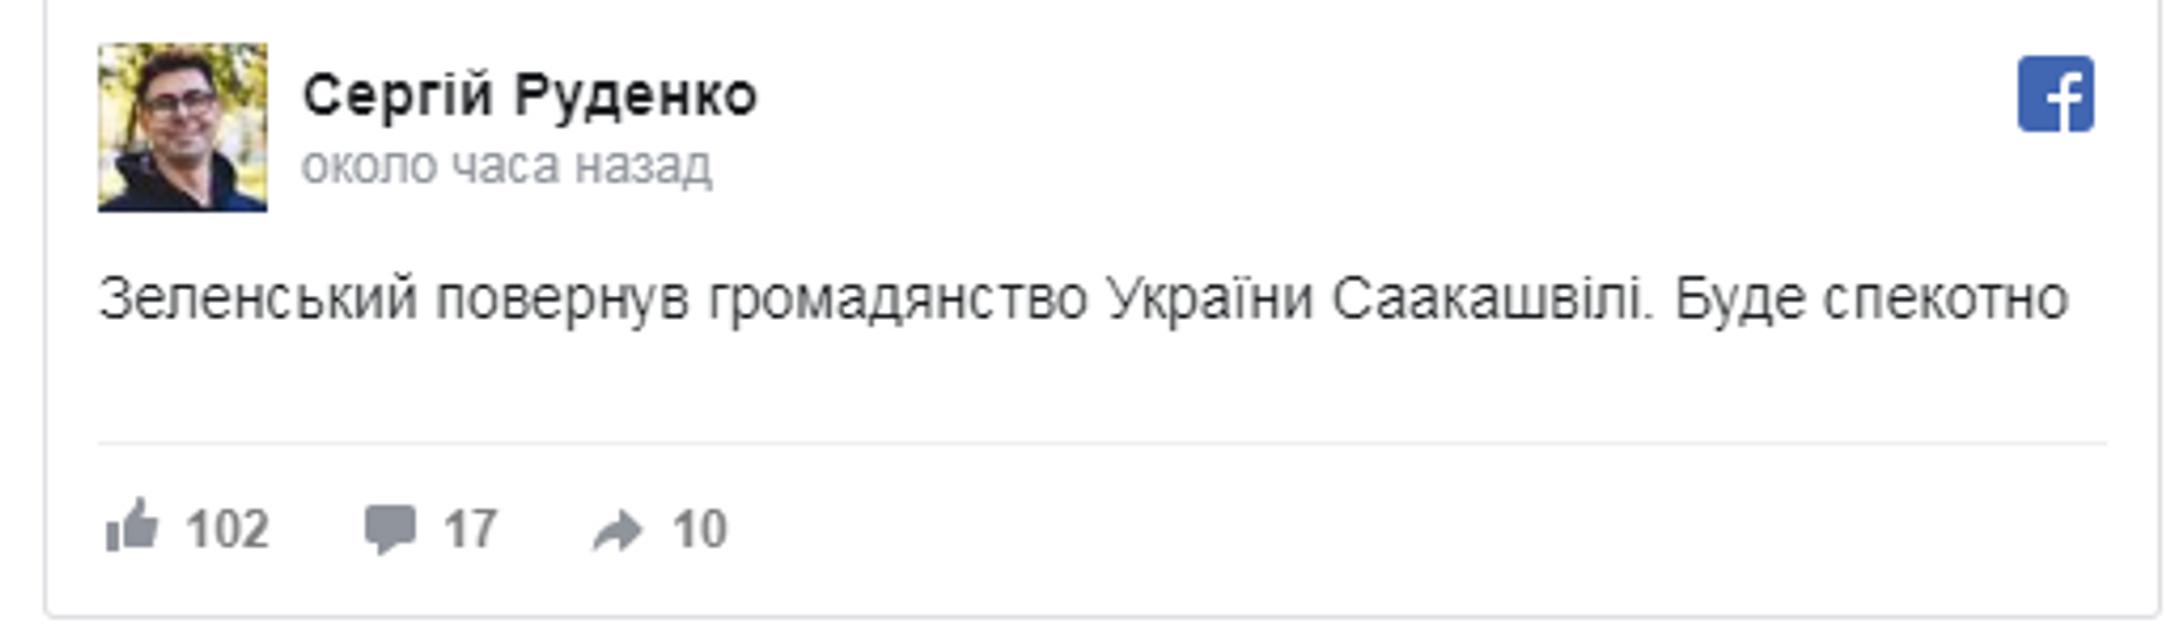 Саакашвили летит в Украину: лучшие шутки и МЕМЫ - фото 181749